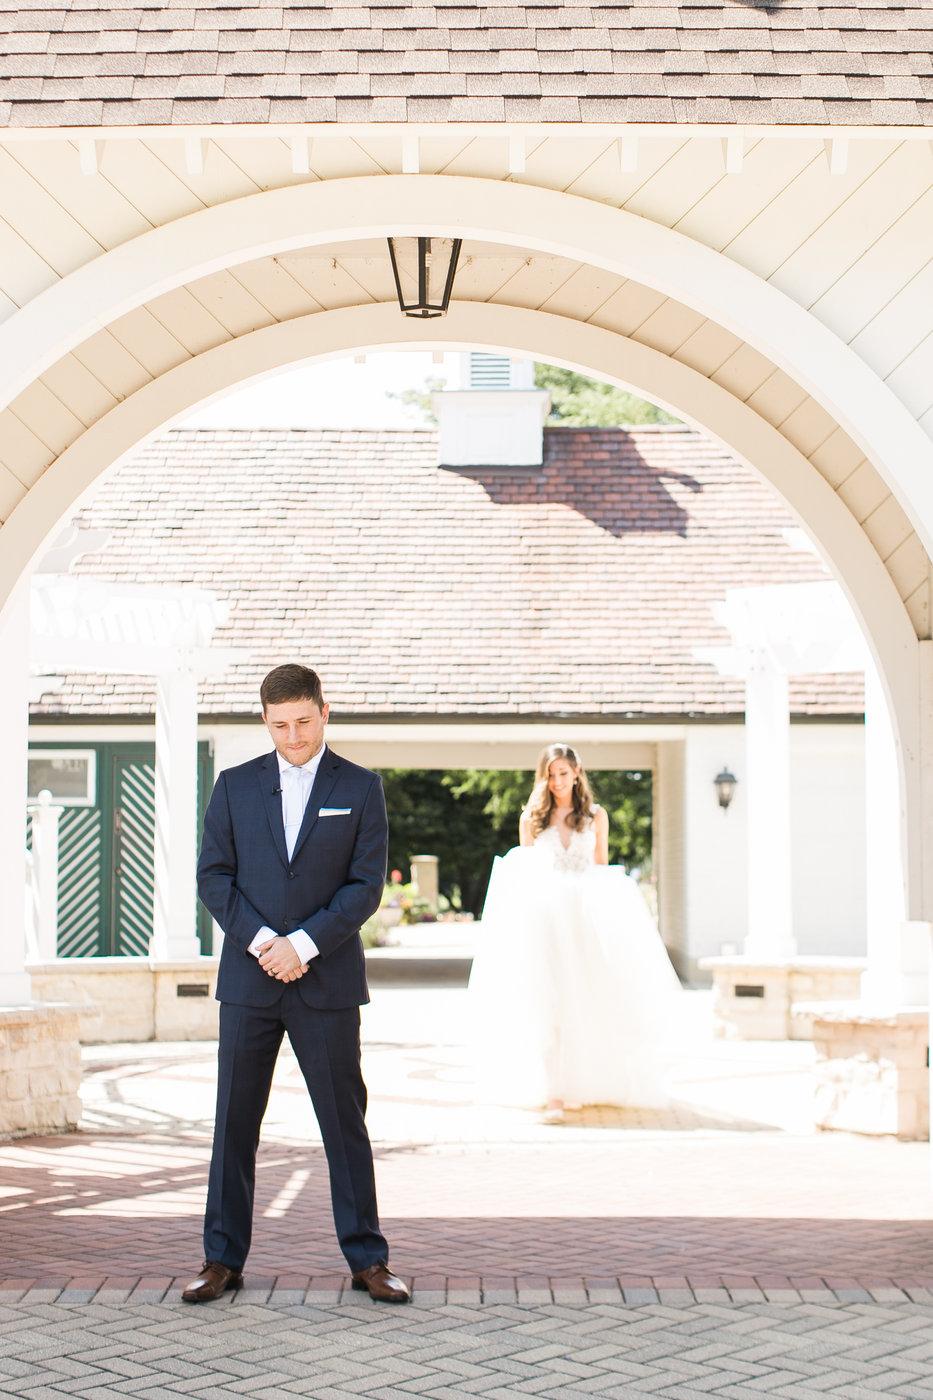 w e g n e r-newlyweds-0003.jpg